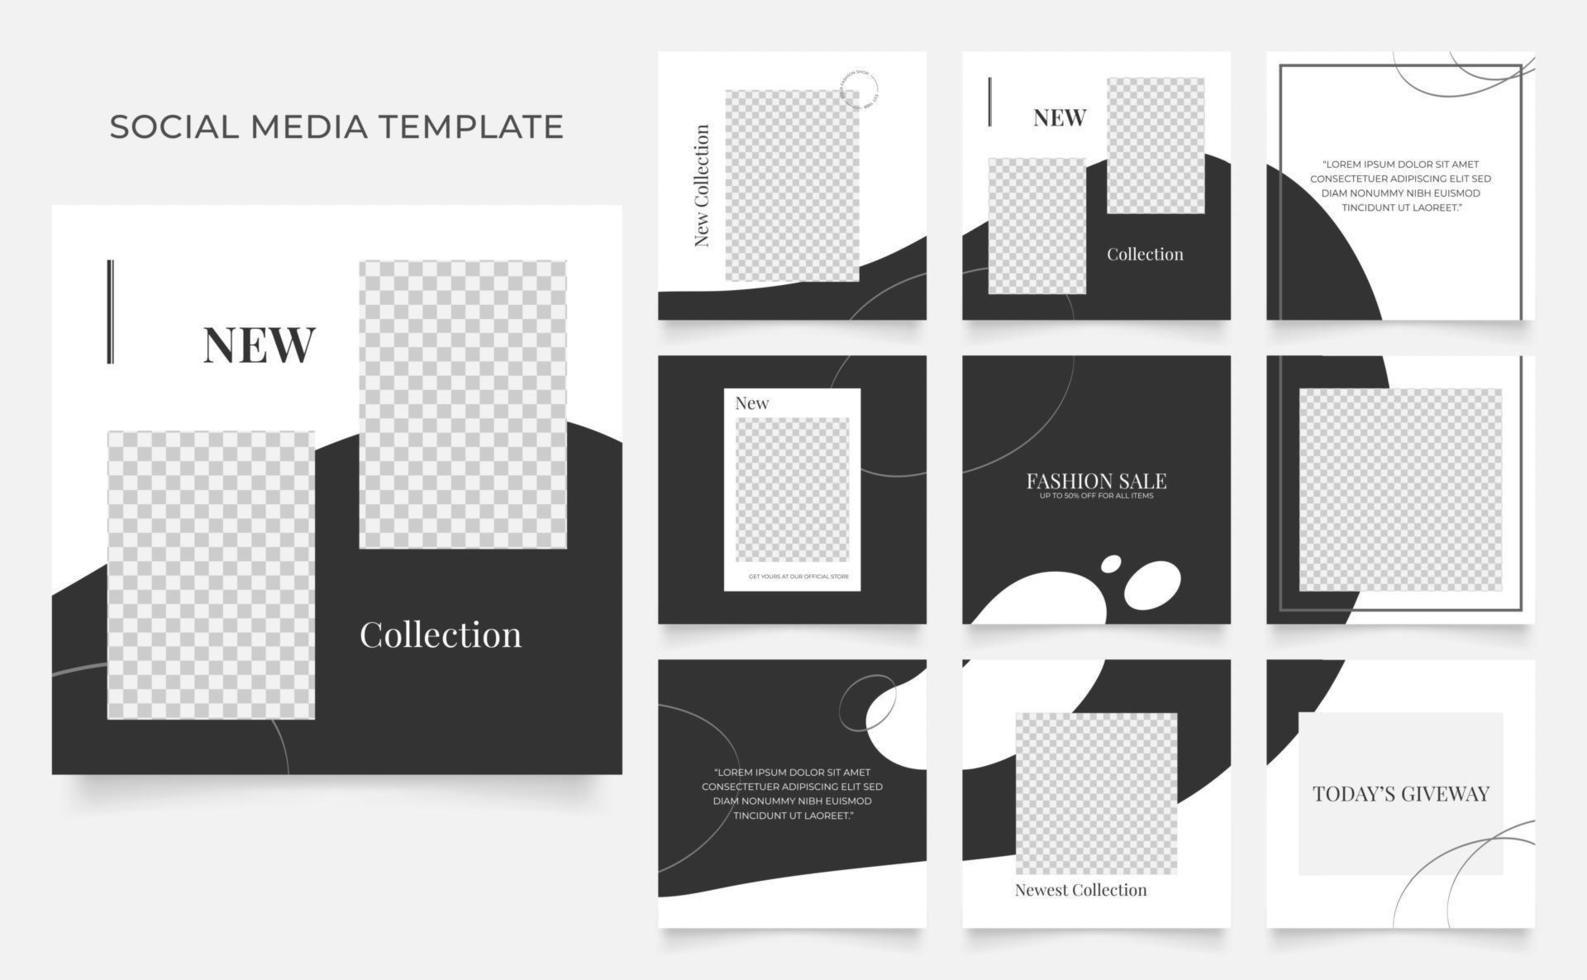 sociale media sjabloon banner blog mode verkoop promotie. volledig bewerkbare vierkante postframe puzzel organische verkoop poster. zwart grijs witte vector achtergrond